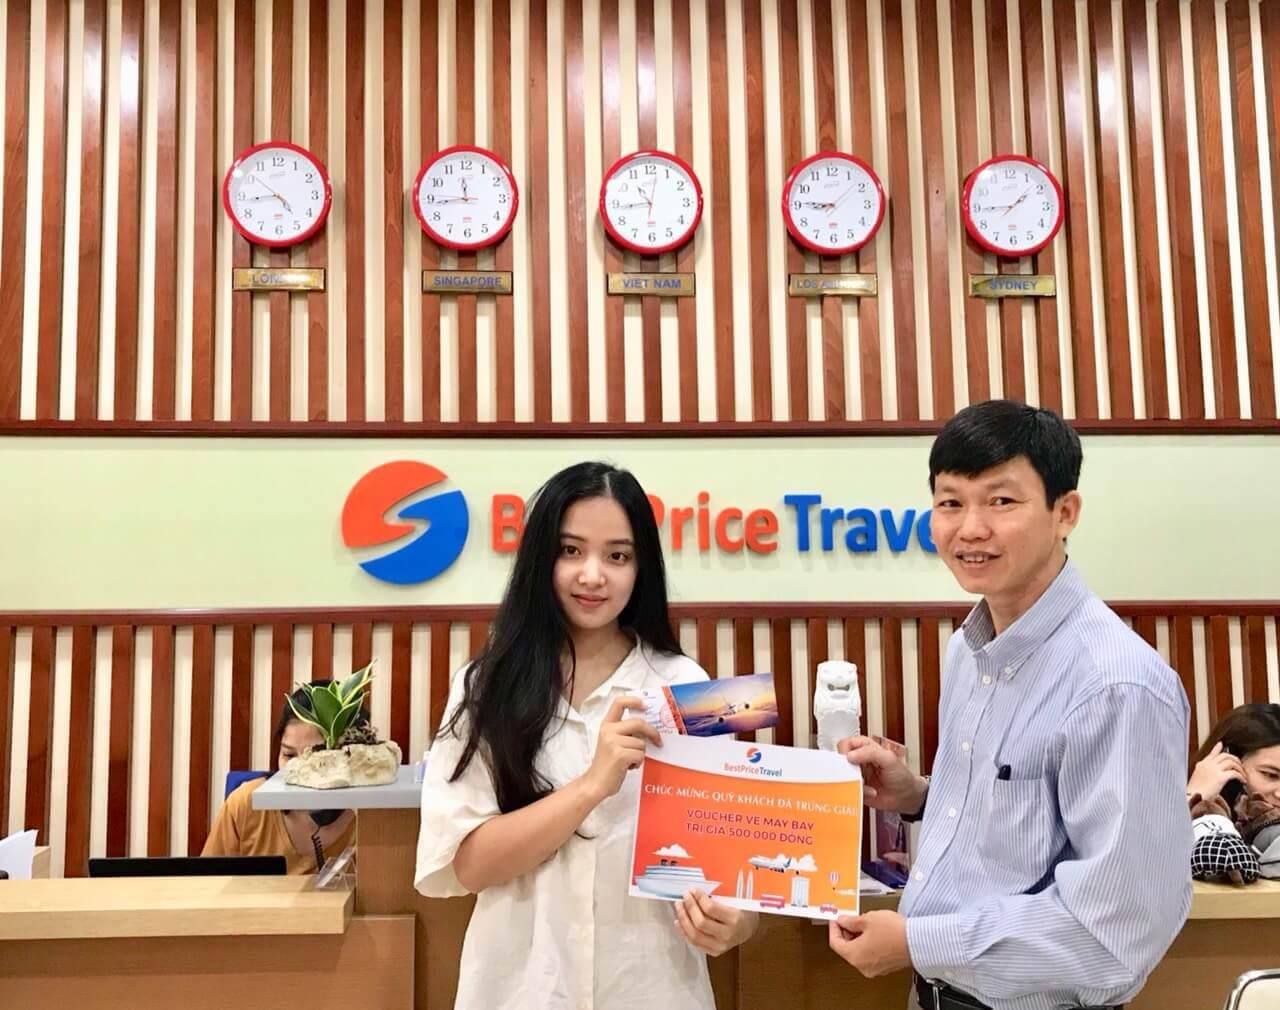 Chị Nguyen Ngoc Khanh Tam trúng giải voucher đặt vé máy bay 500.000đ